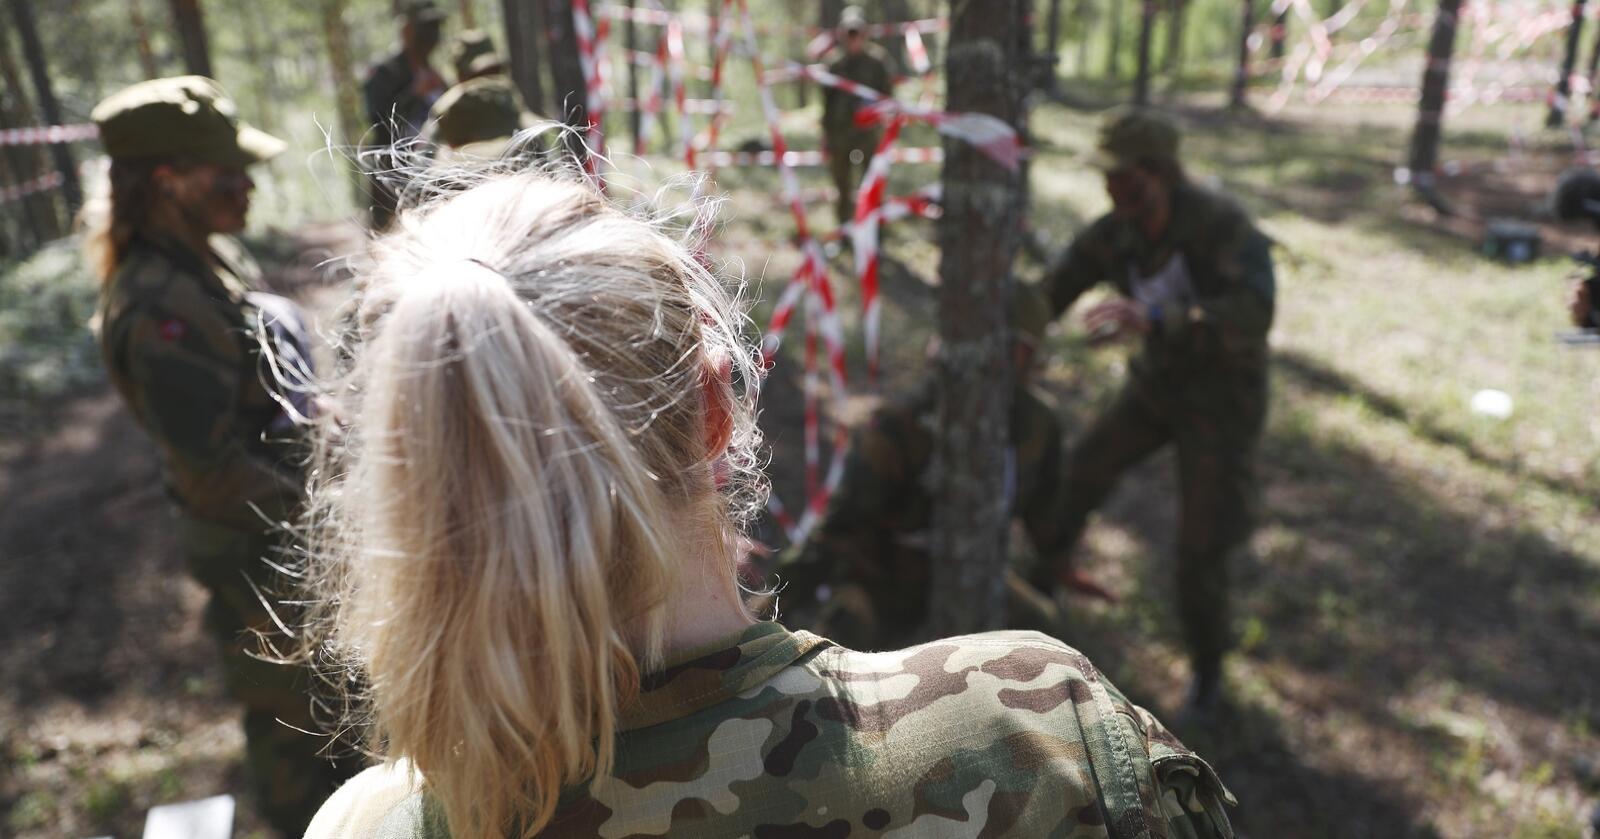 Antallet varslingssaker har eksplodert i Forsvaret det siste året. Illustrasjonsfoto fra opptaket til Jegertroppen: Torbjørn Kjosvold/ Forsvaret